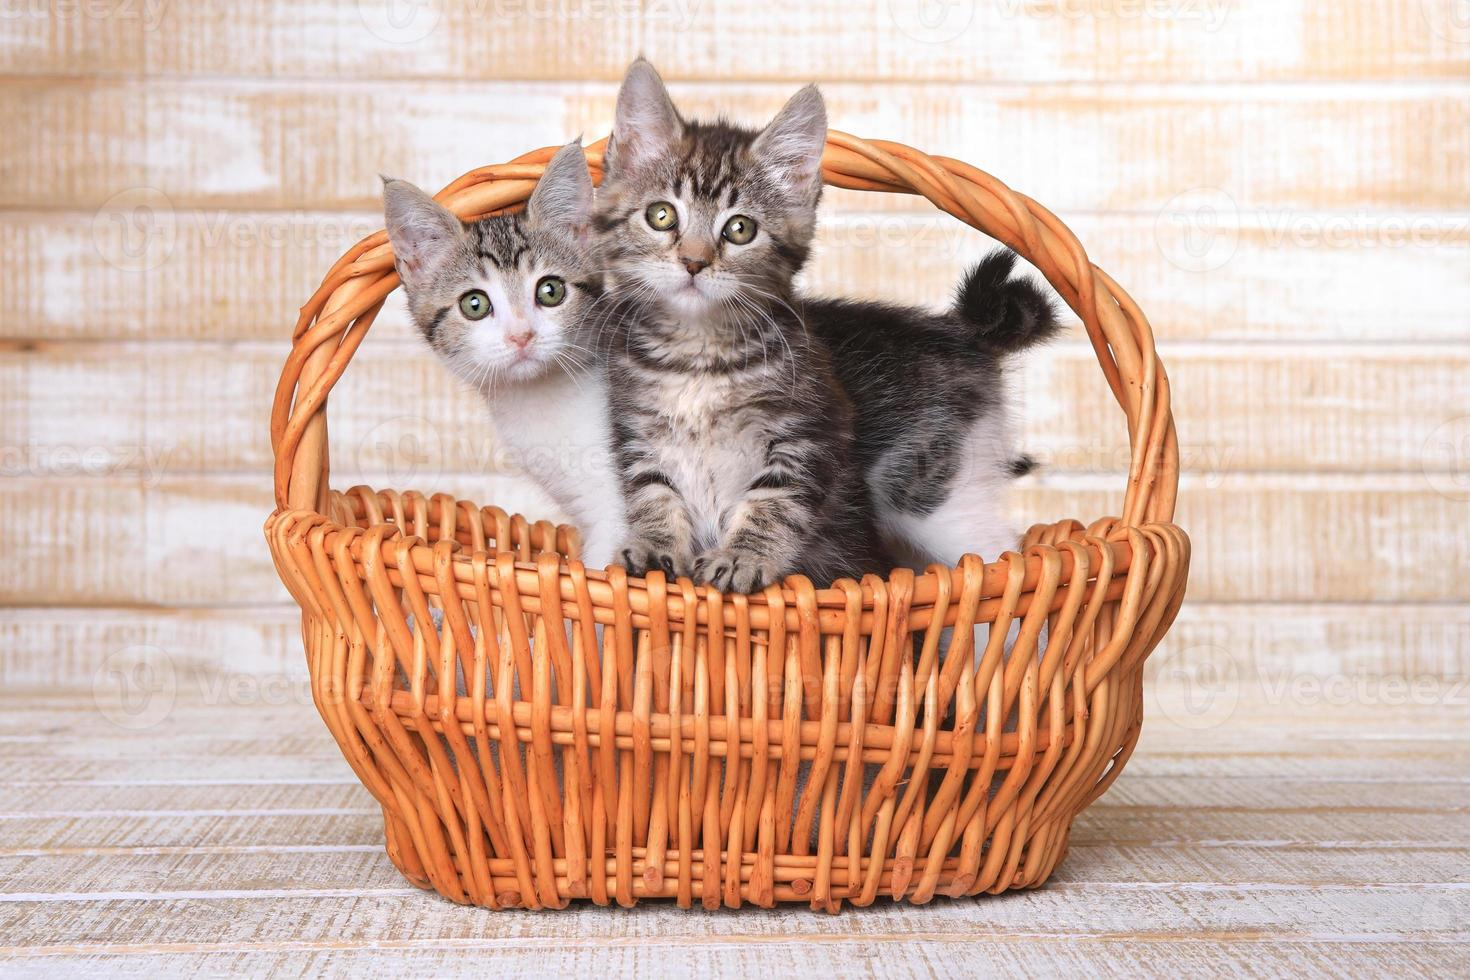 twee adopteerbare kittens in een mand foto